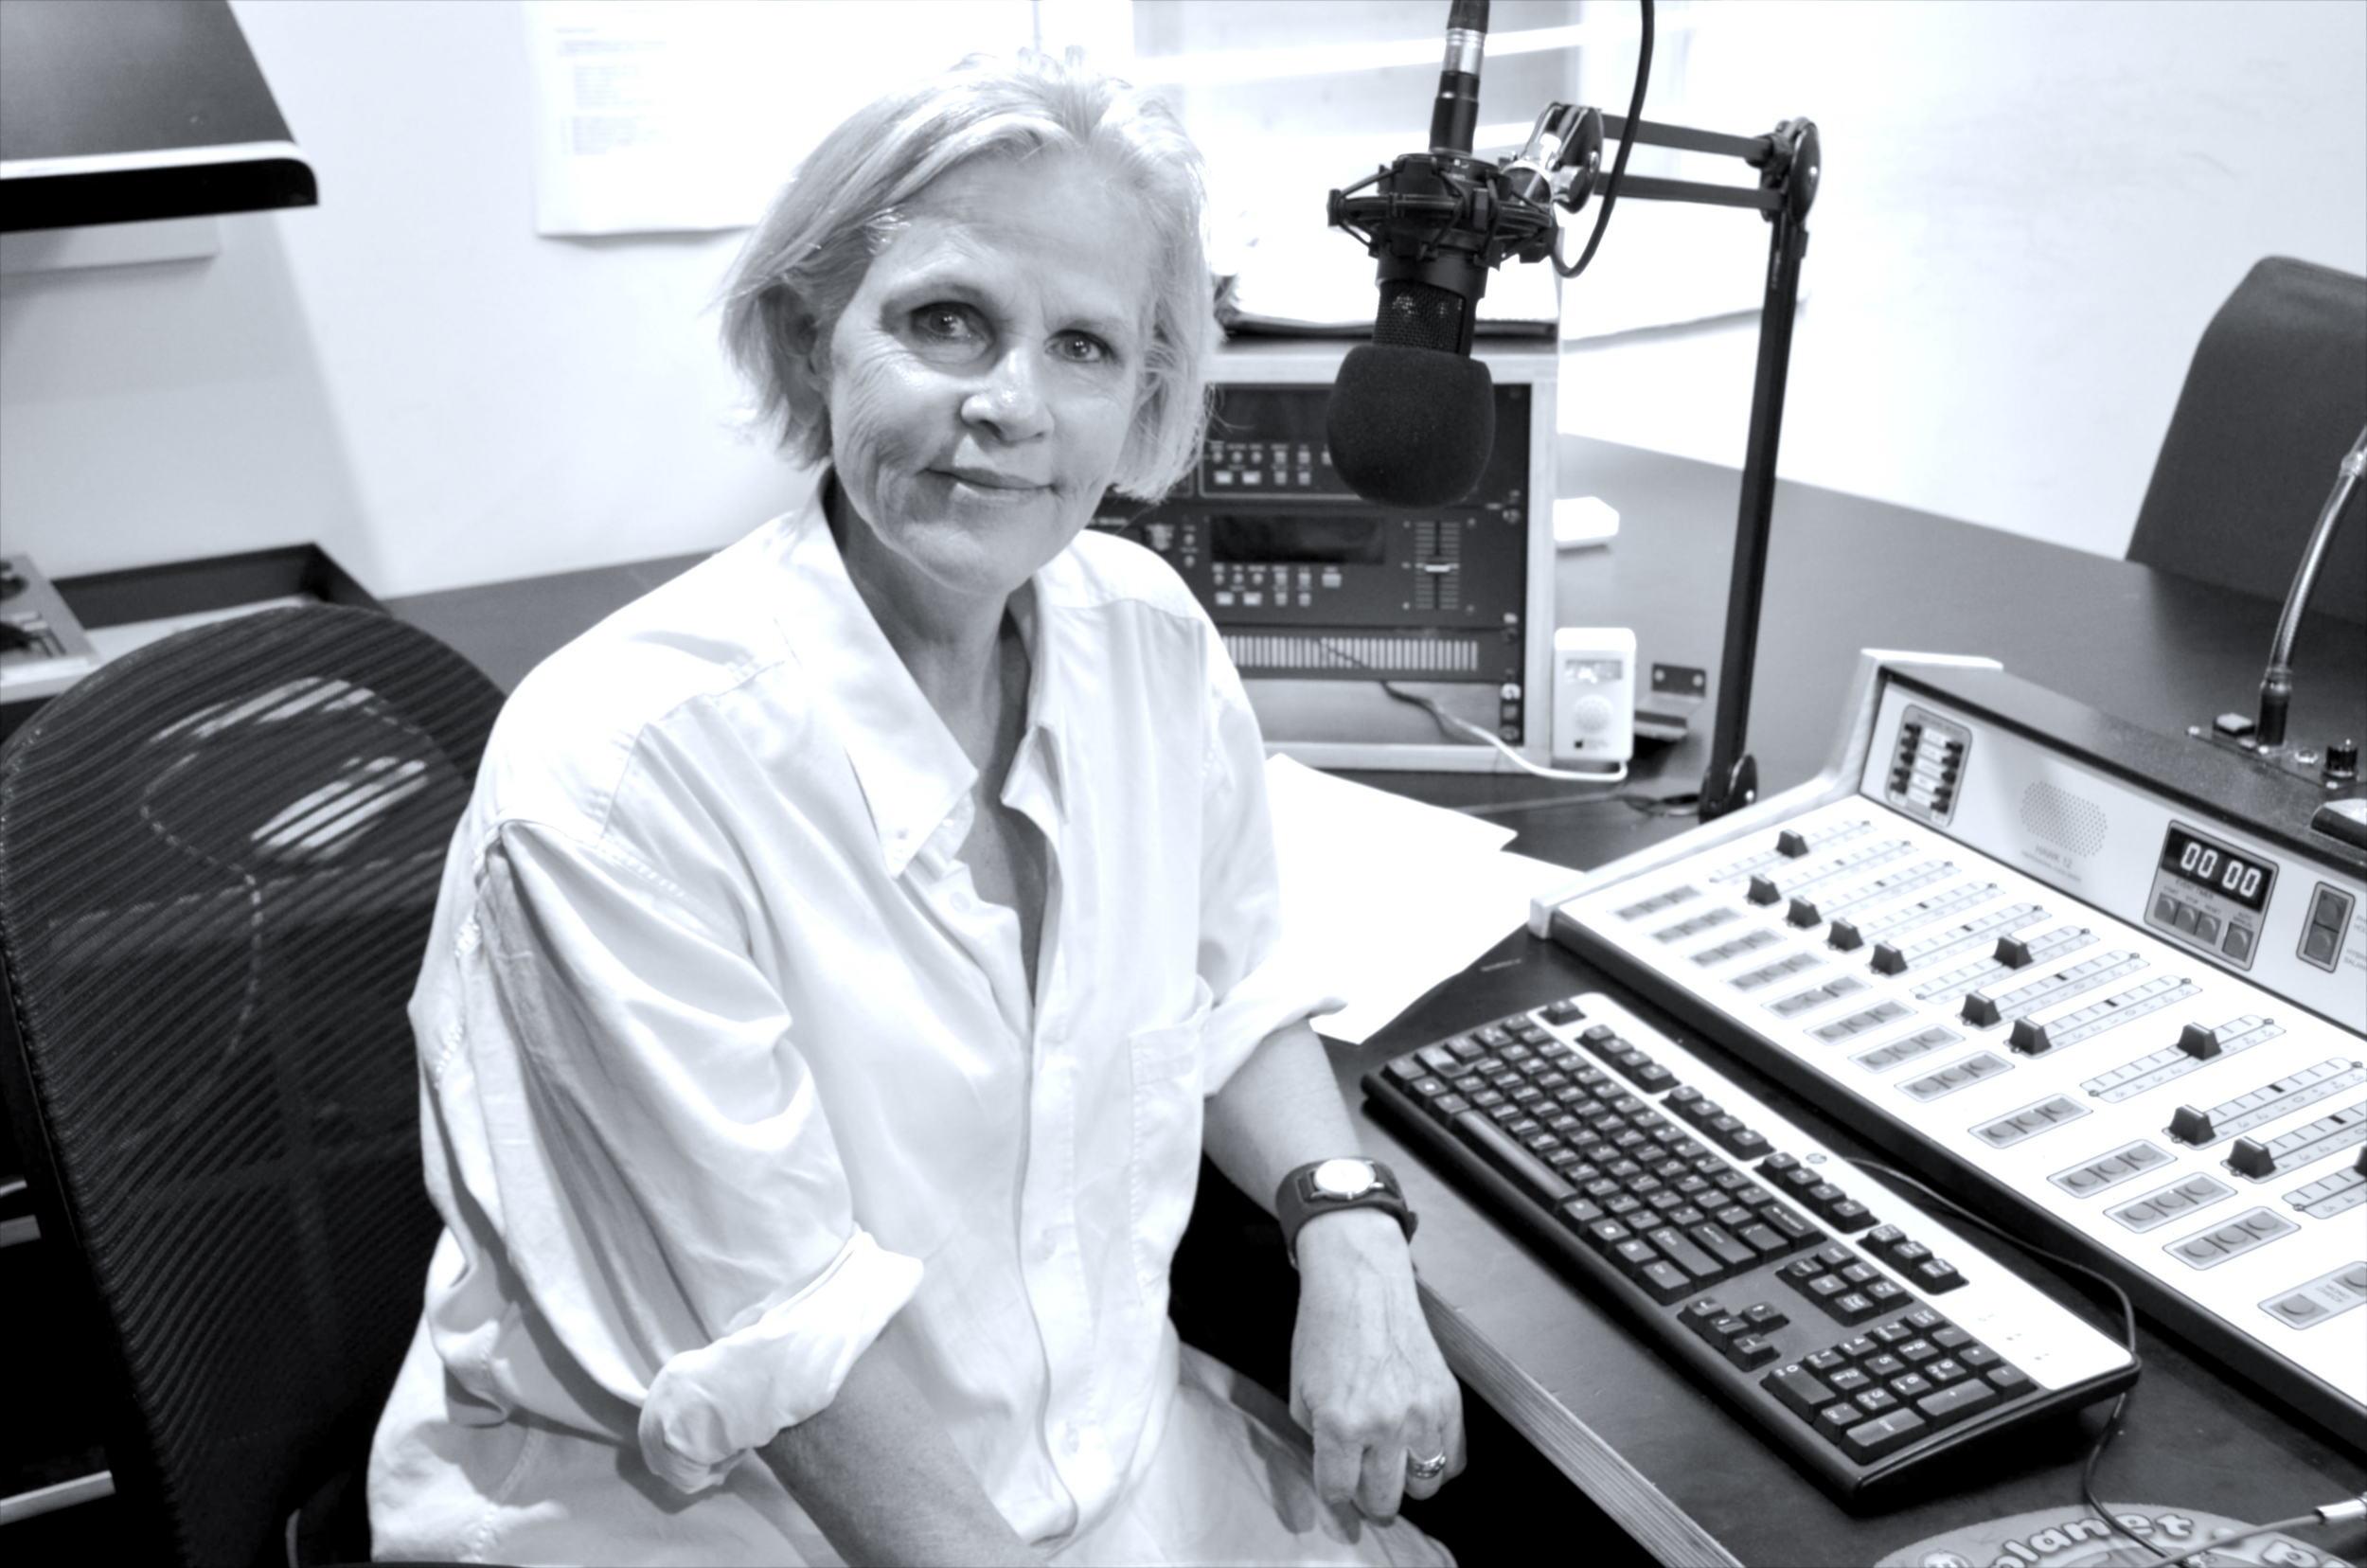 JulieMacken